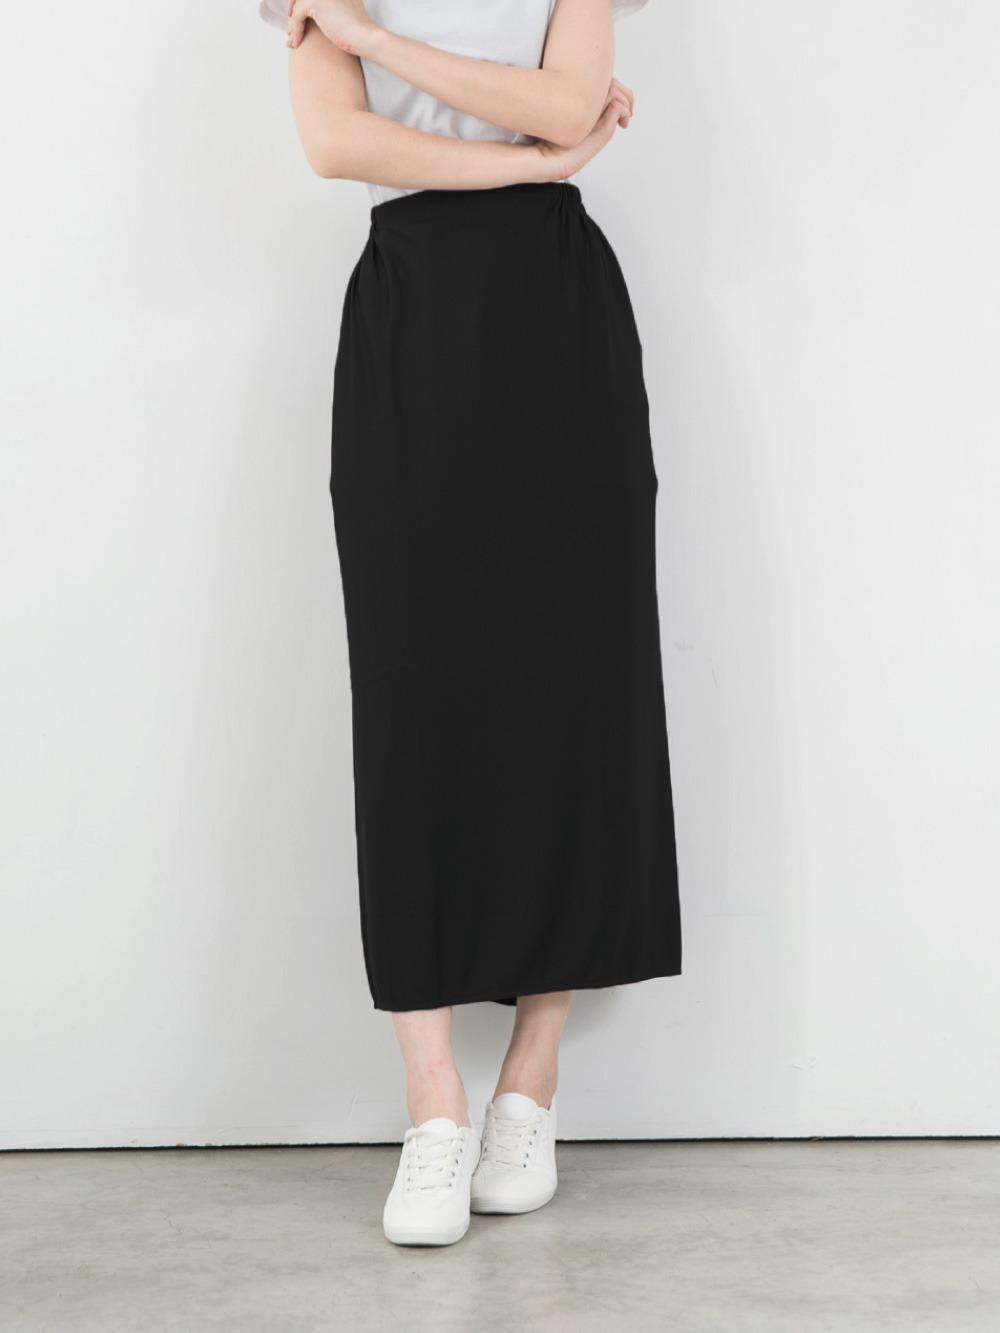 貝柔高透氣防曬遮陽裙-黑色